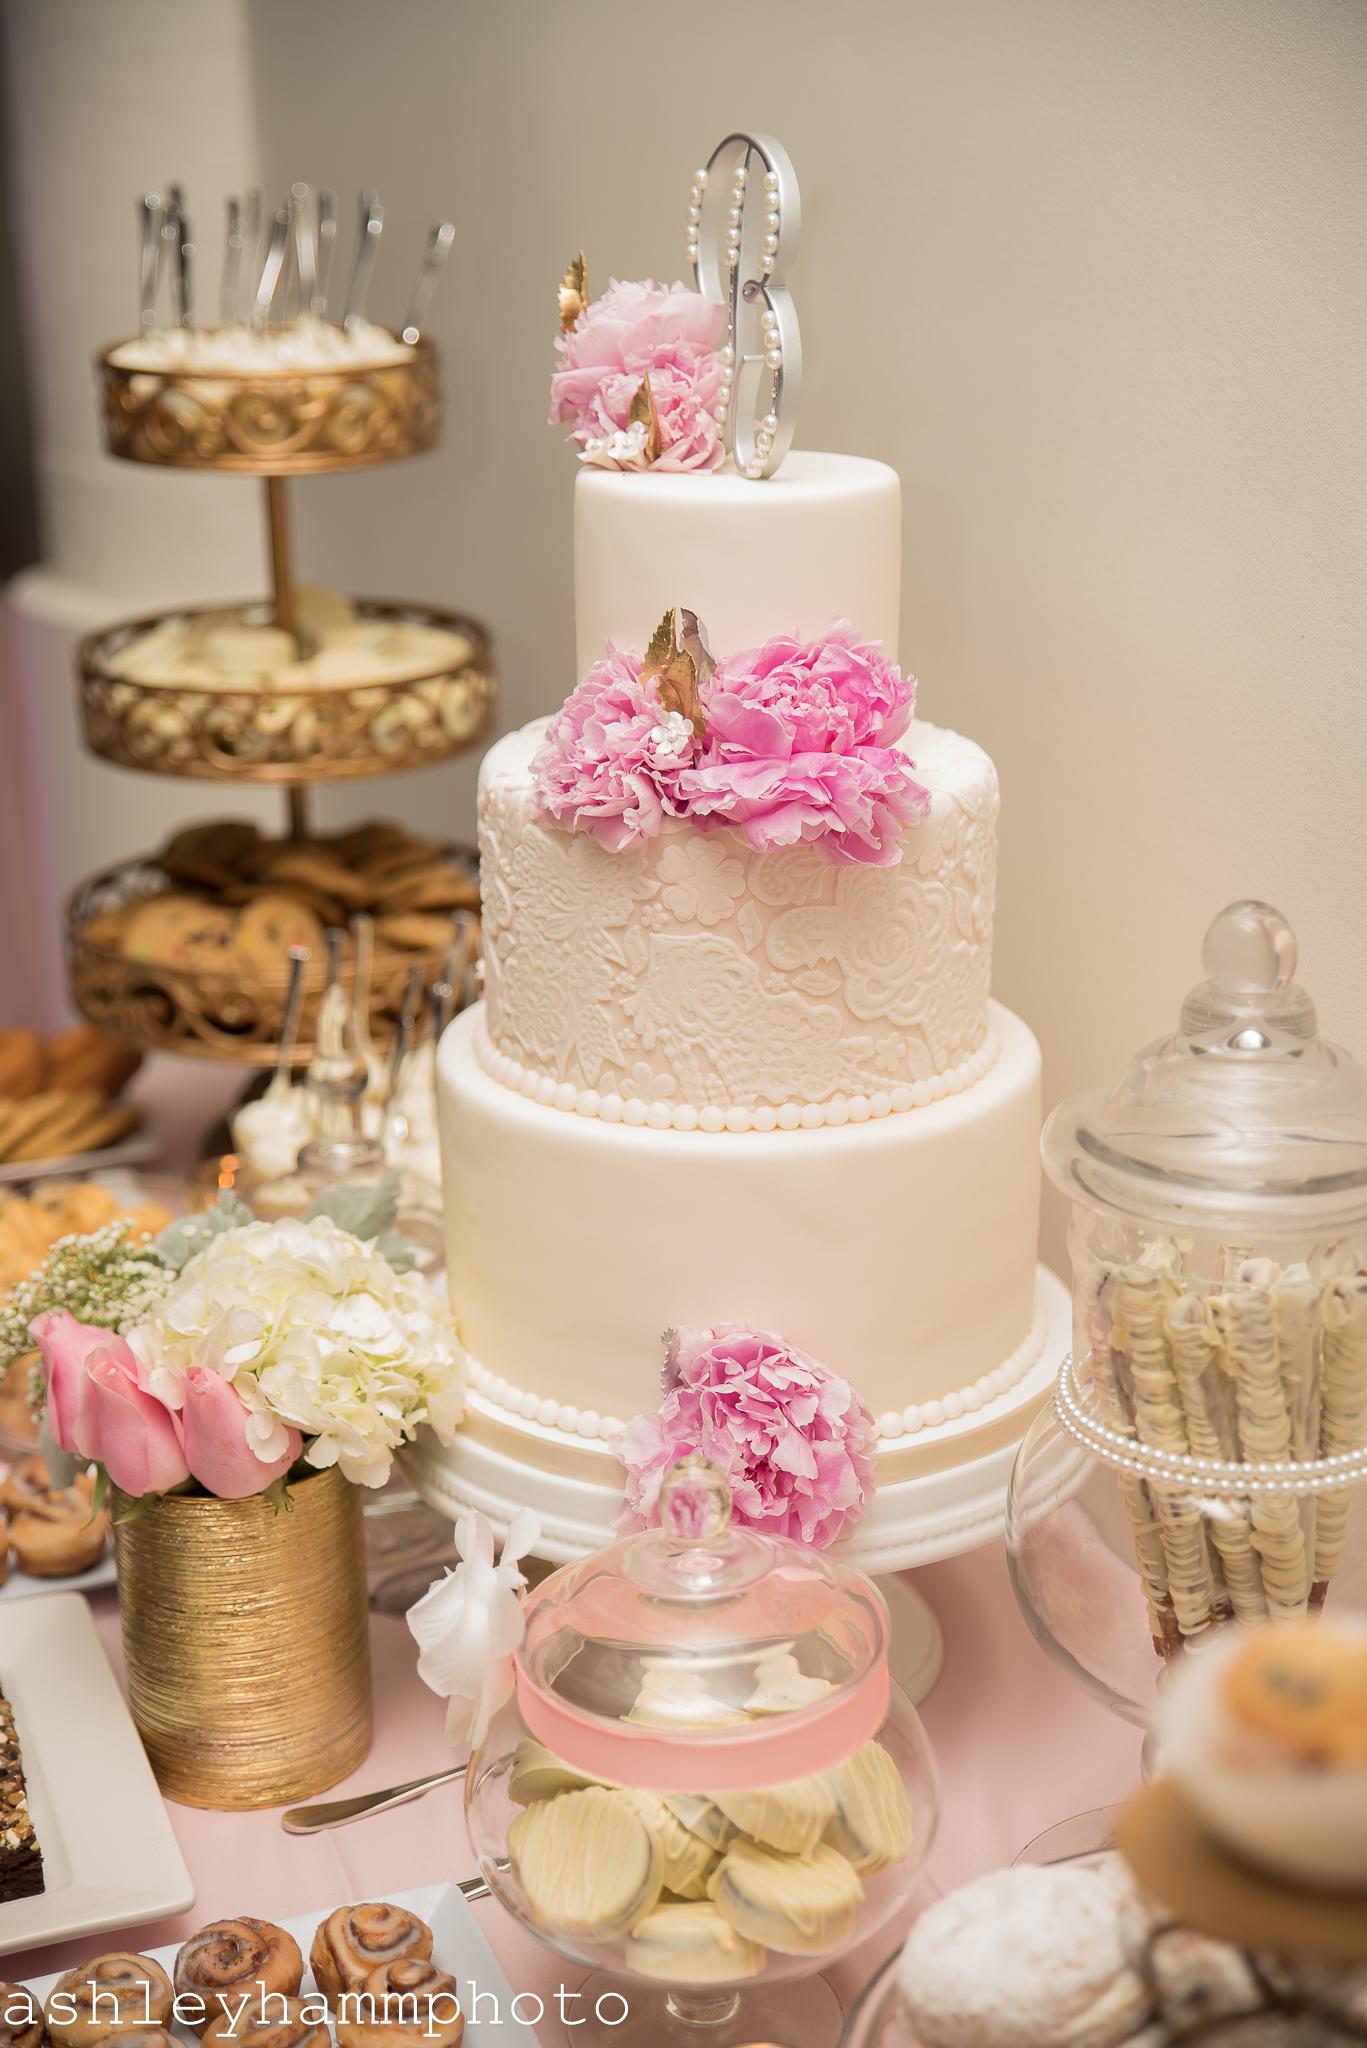 Chicago-Wedding-Dessert-Table